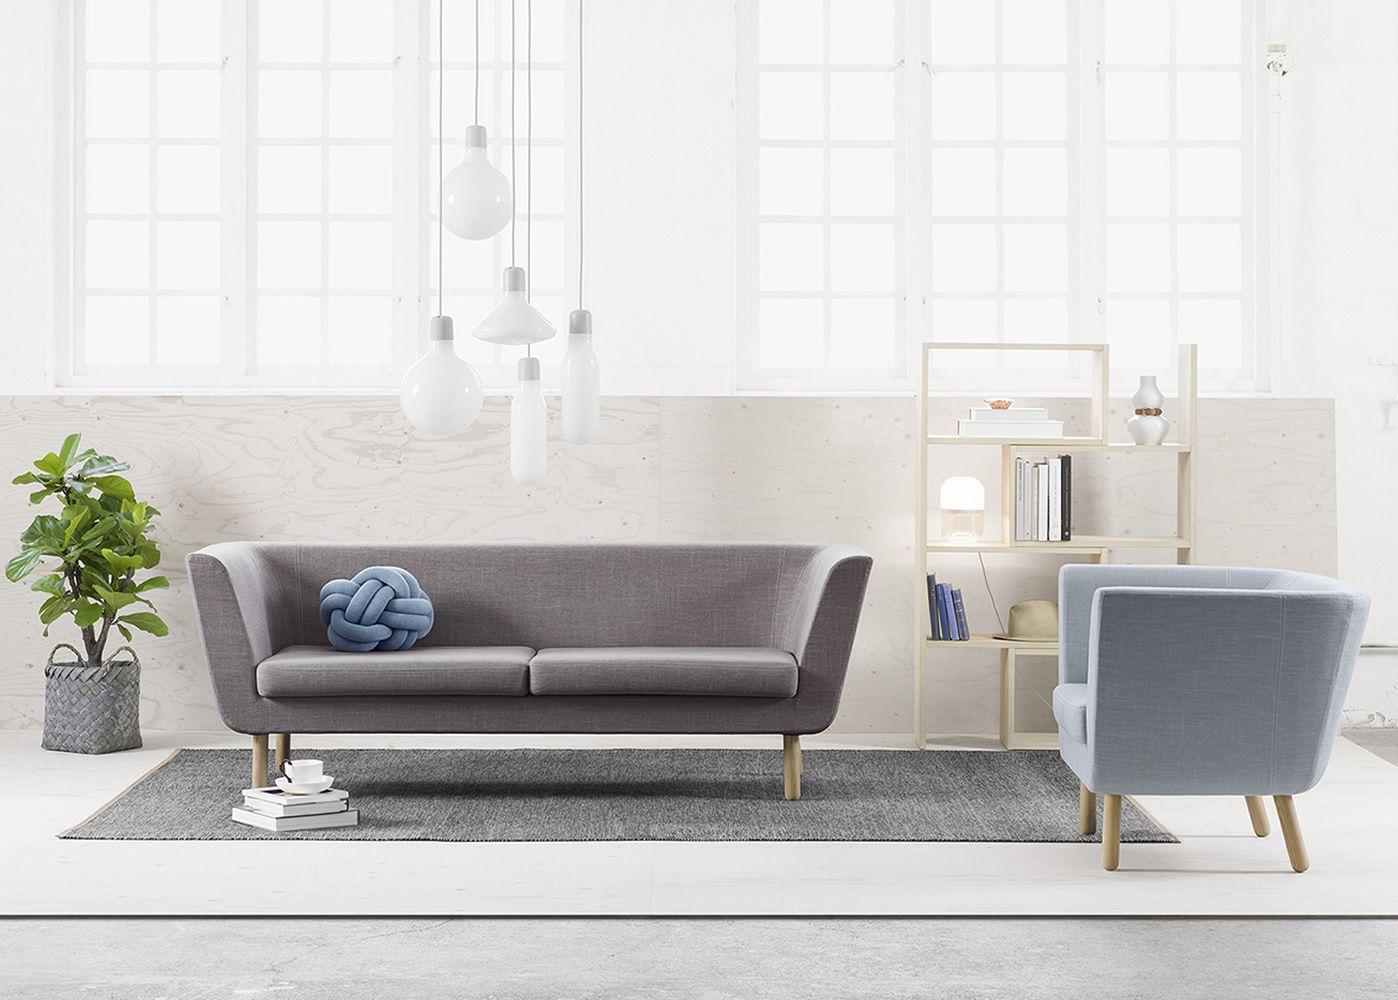 nest sofa mit gestell und beine aus holz gepolstert und. Black Bedroom Furniture Sets. Home Design Ideas